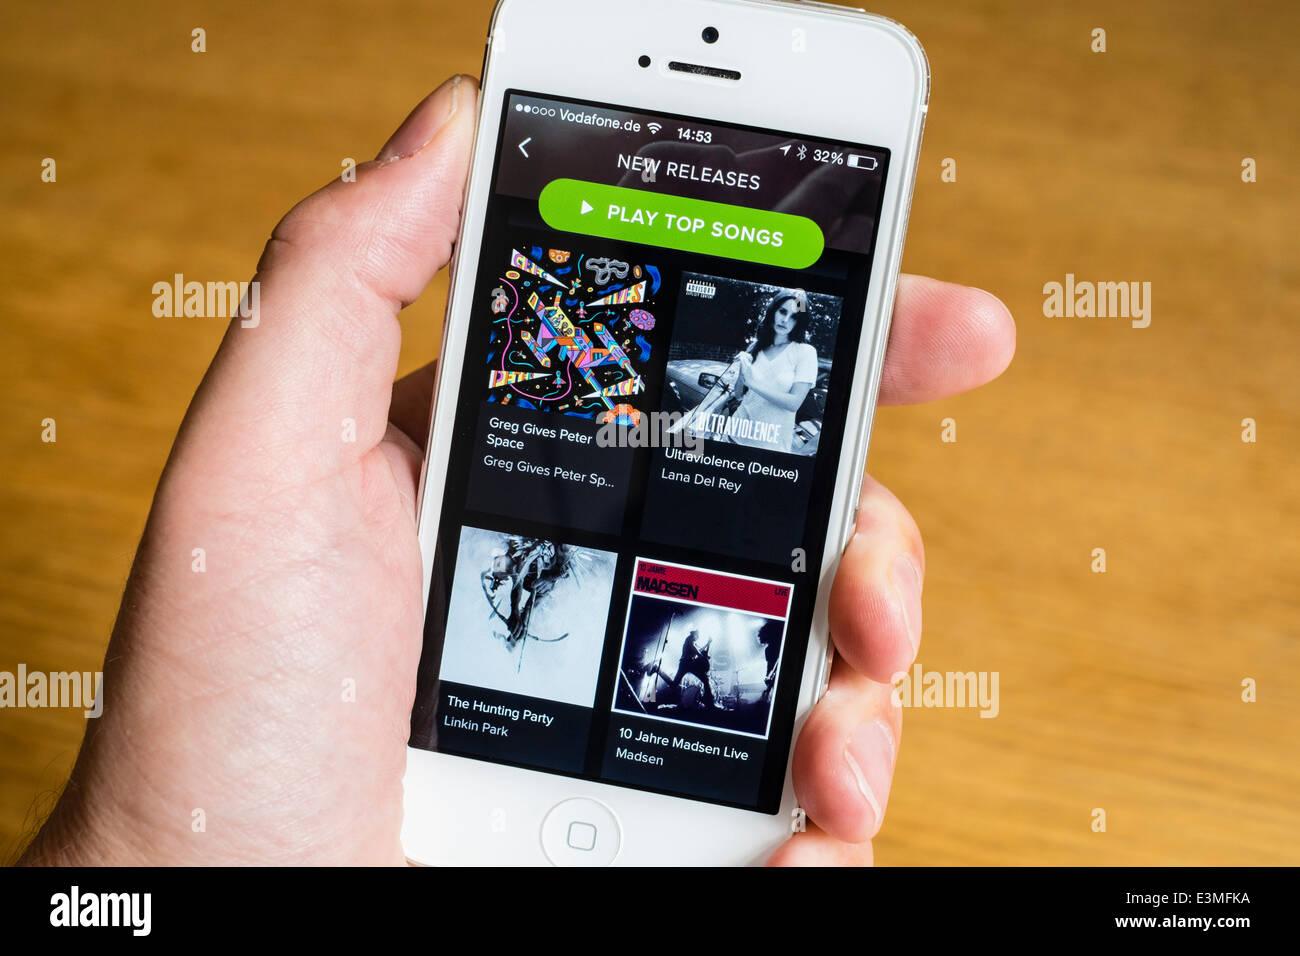 Detalle de Spotify música streaming app en el iPhone teléfonos inteligentes. Imagen De Stock